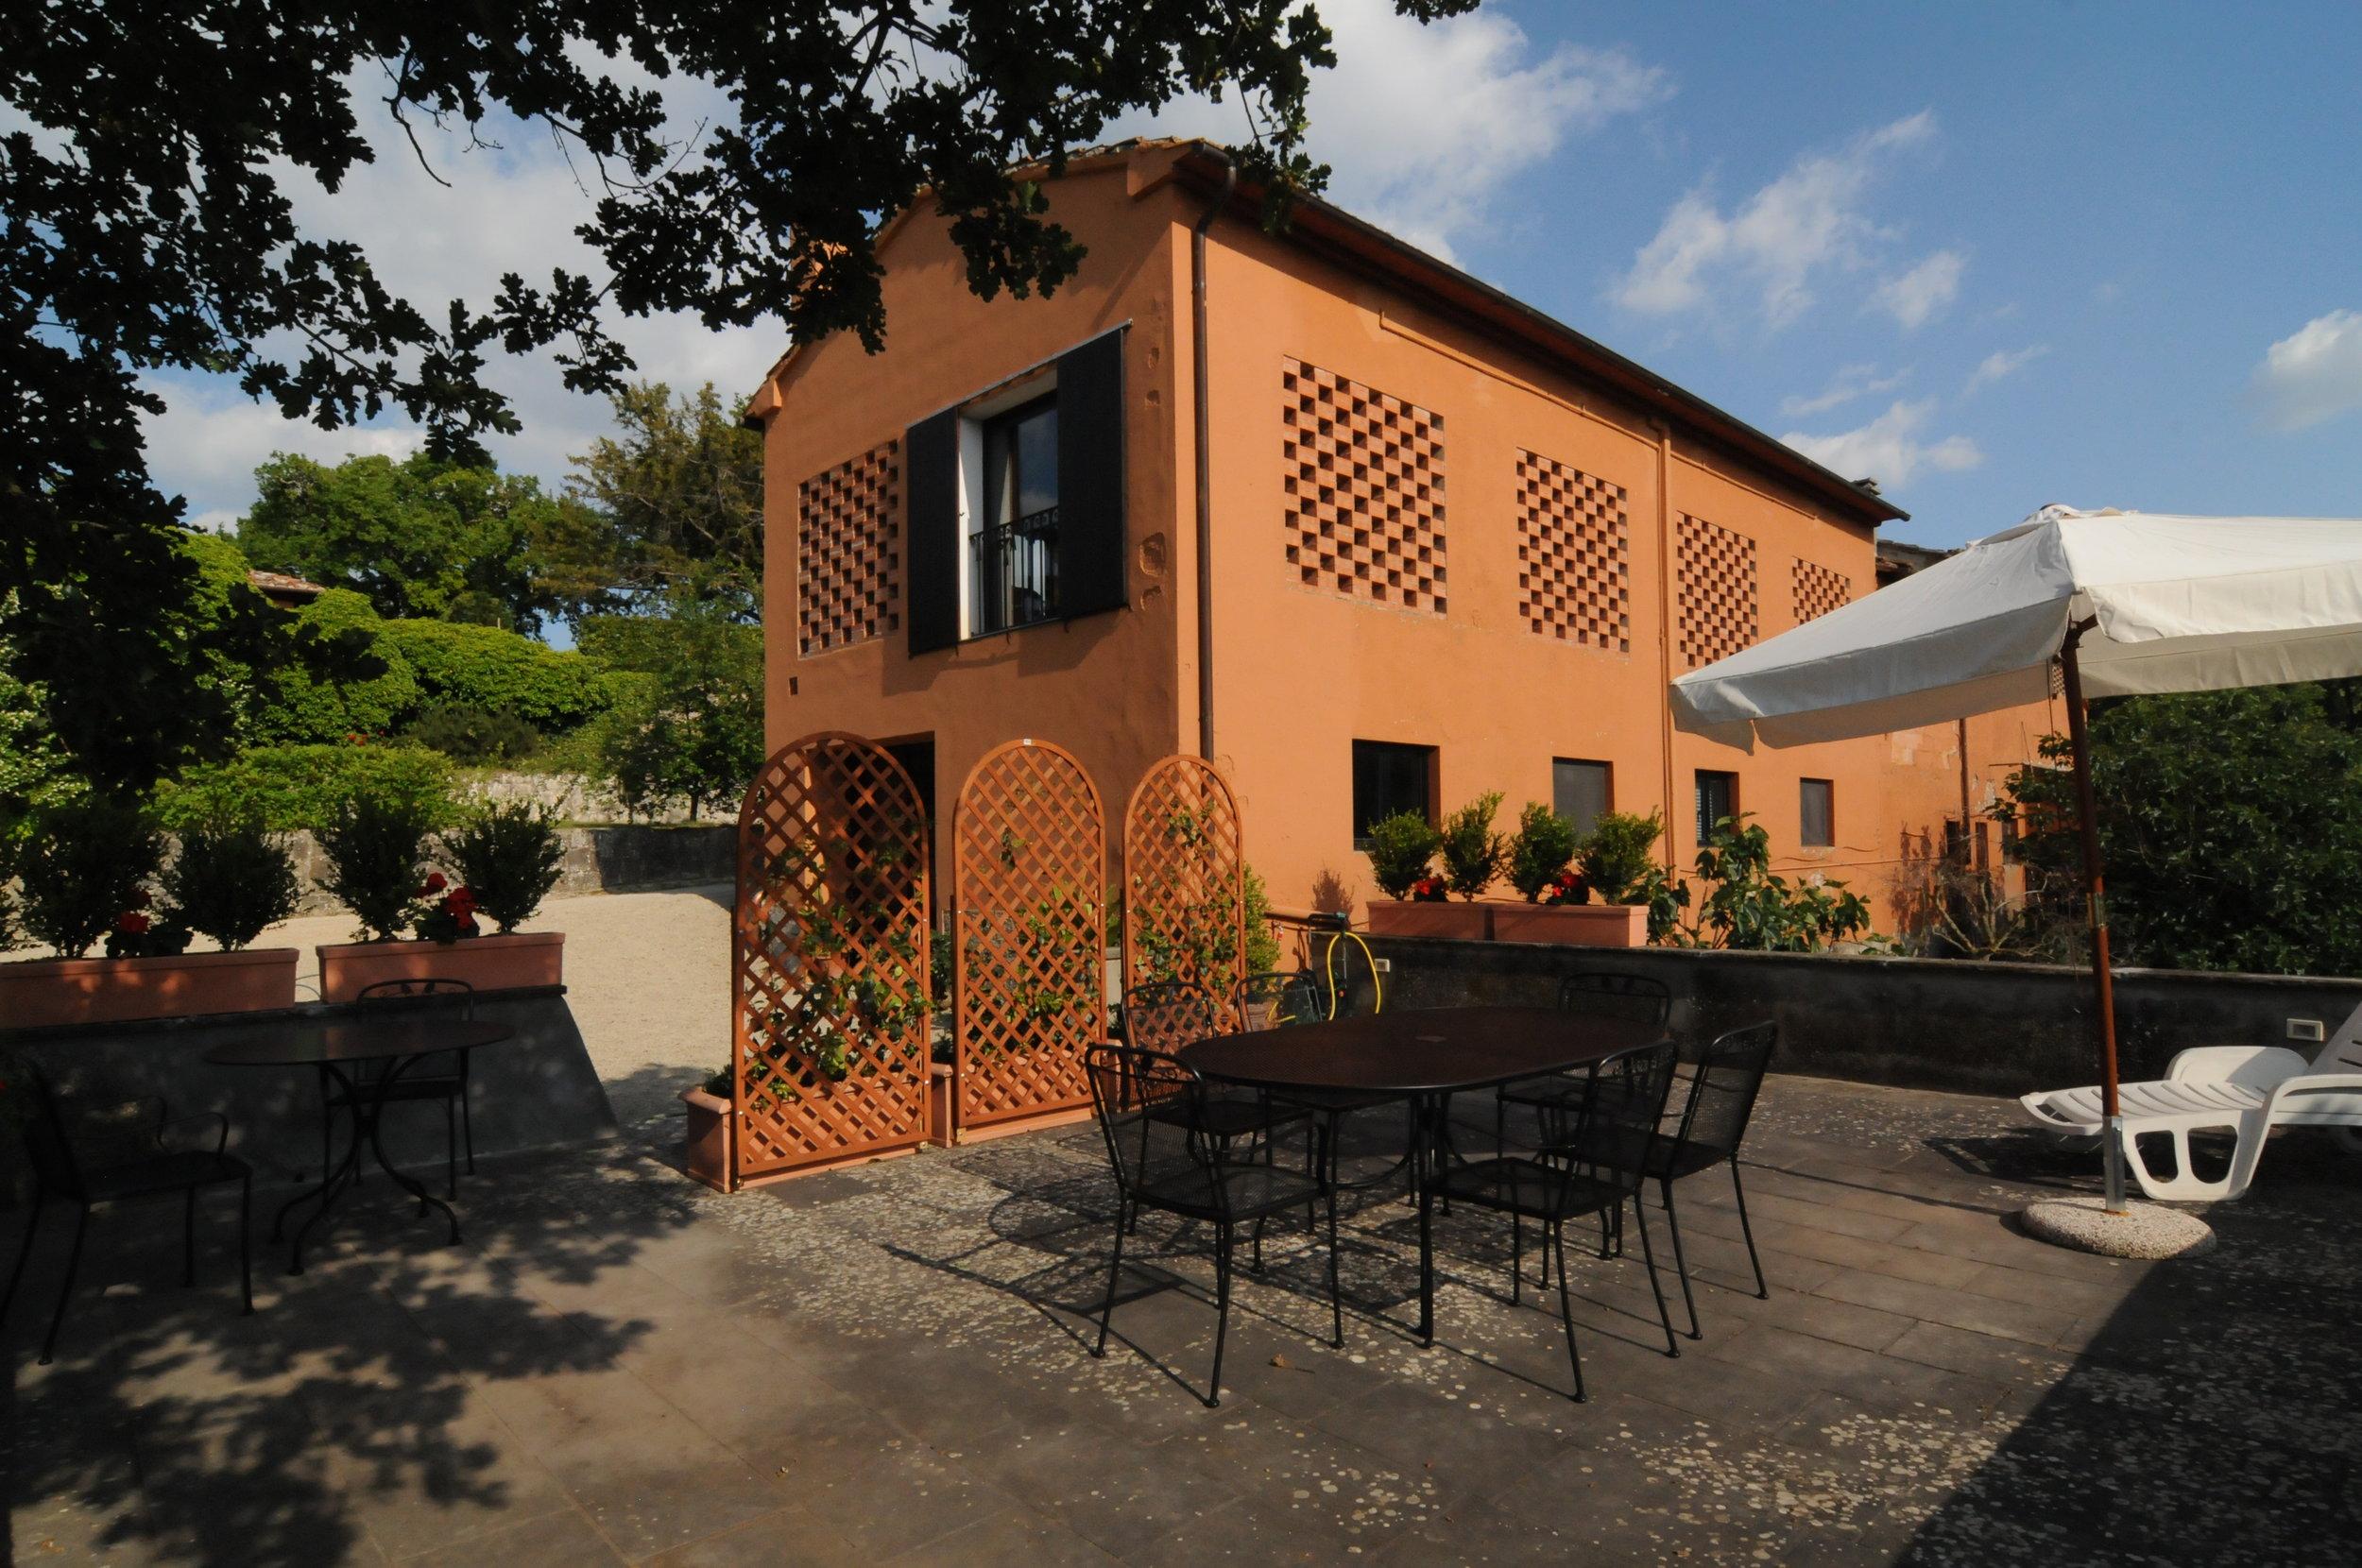 _Capanna fouri w- terrace 0242.JPG